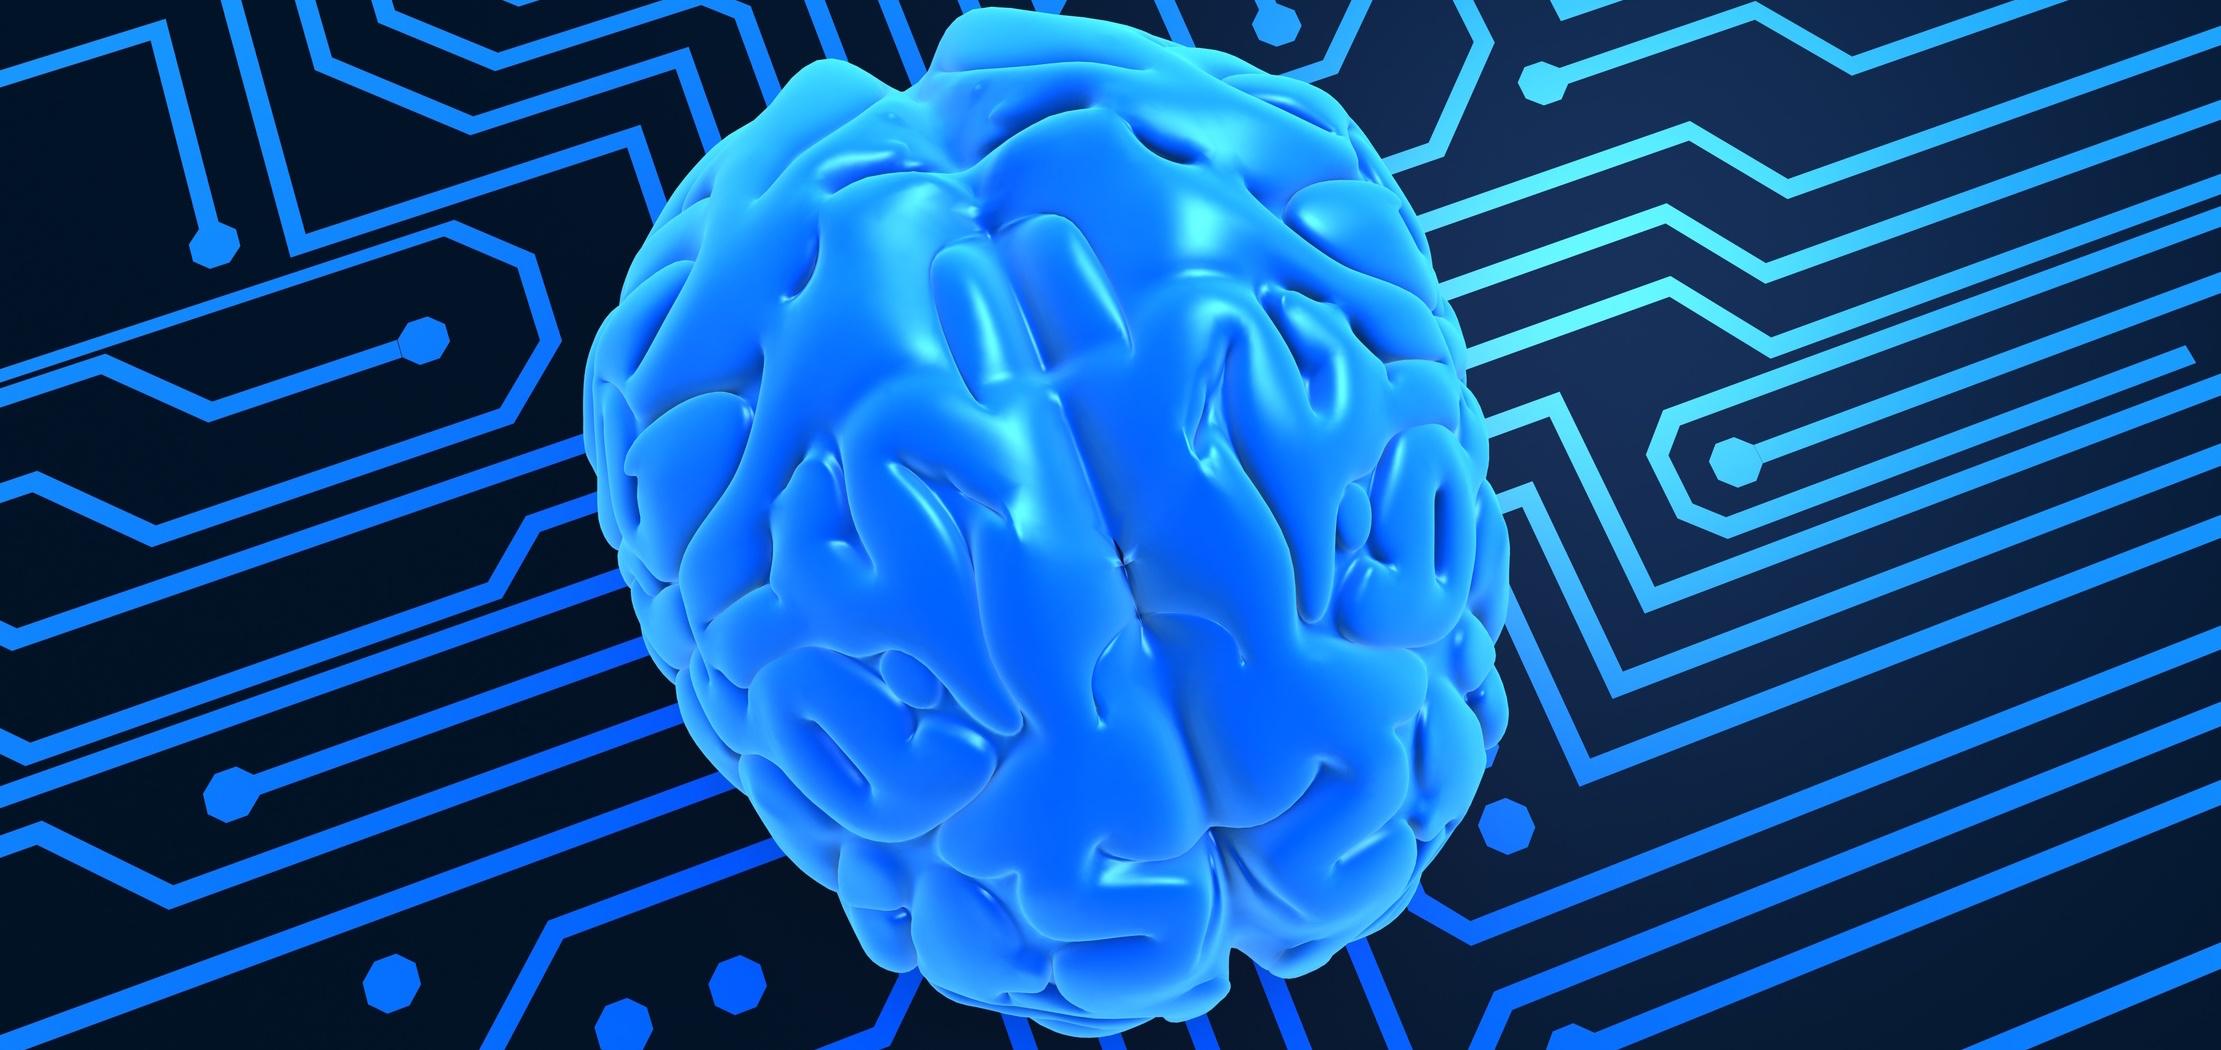 Musk pretende conectar el cerebro humano con los ordenadores...